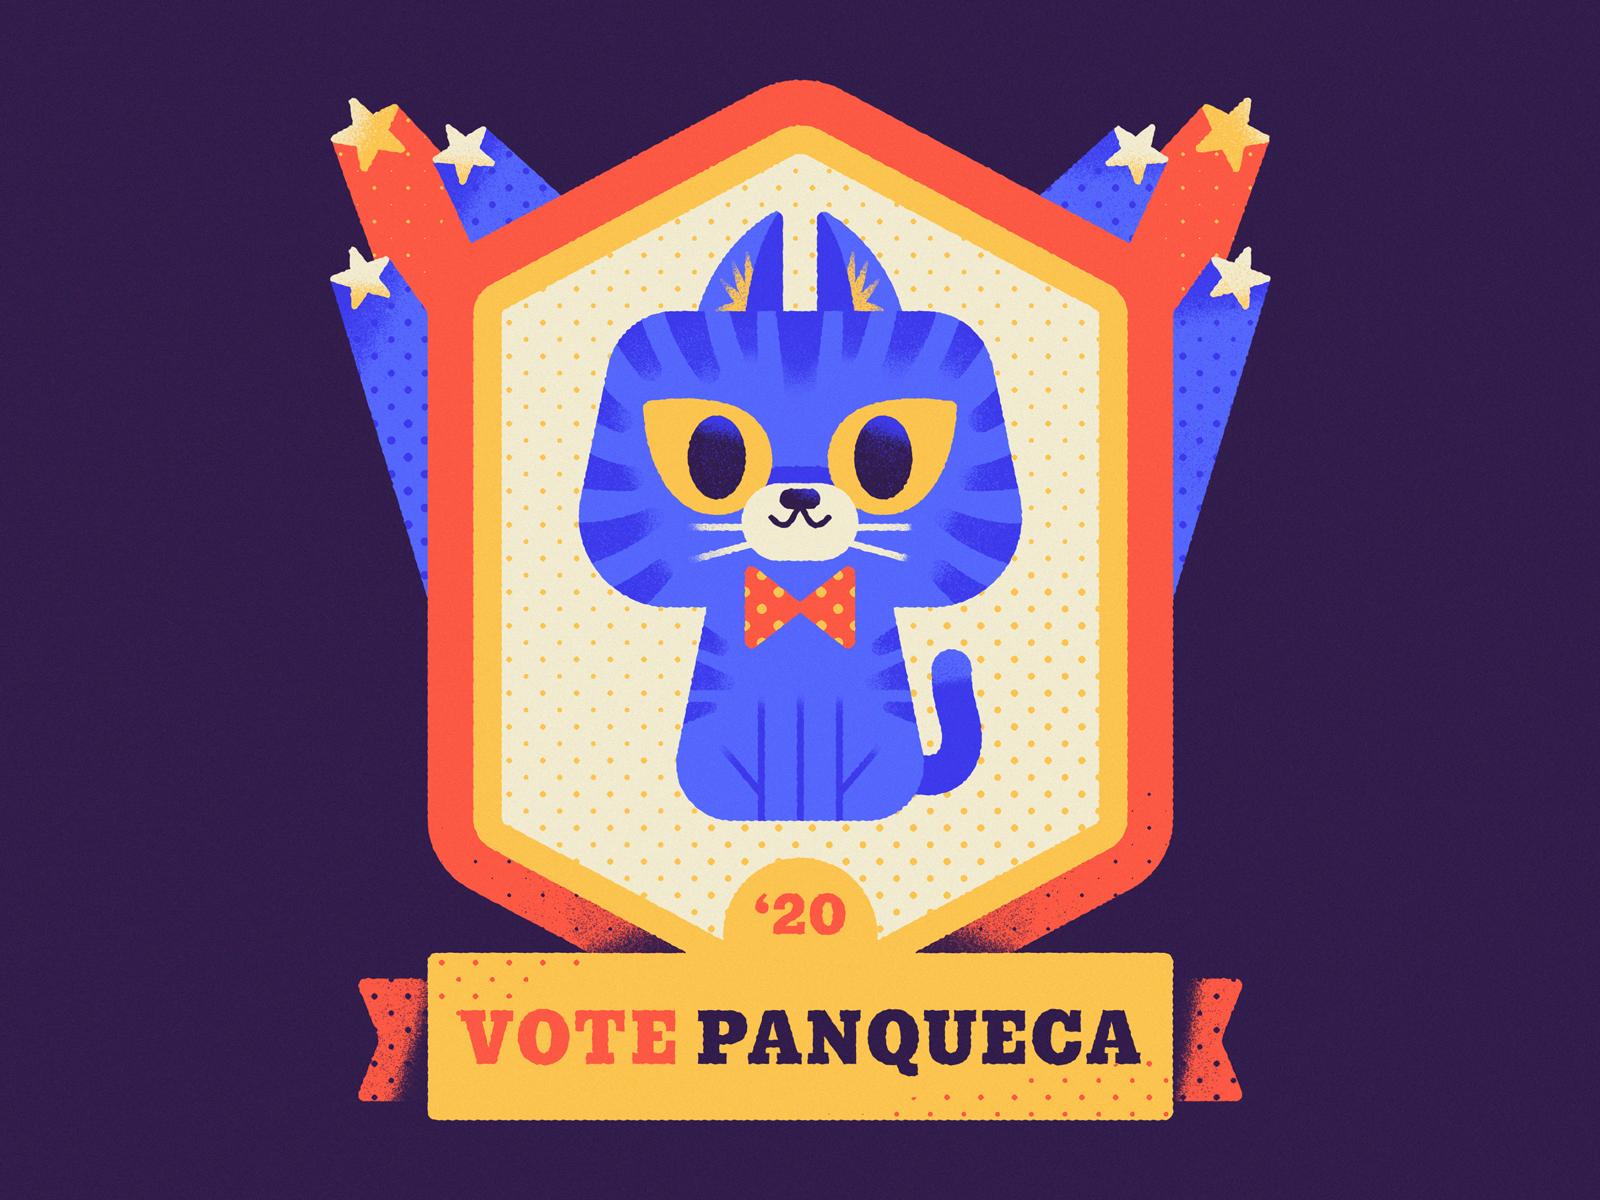 Votepanqueca